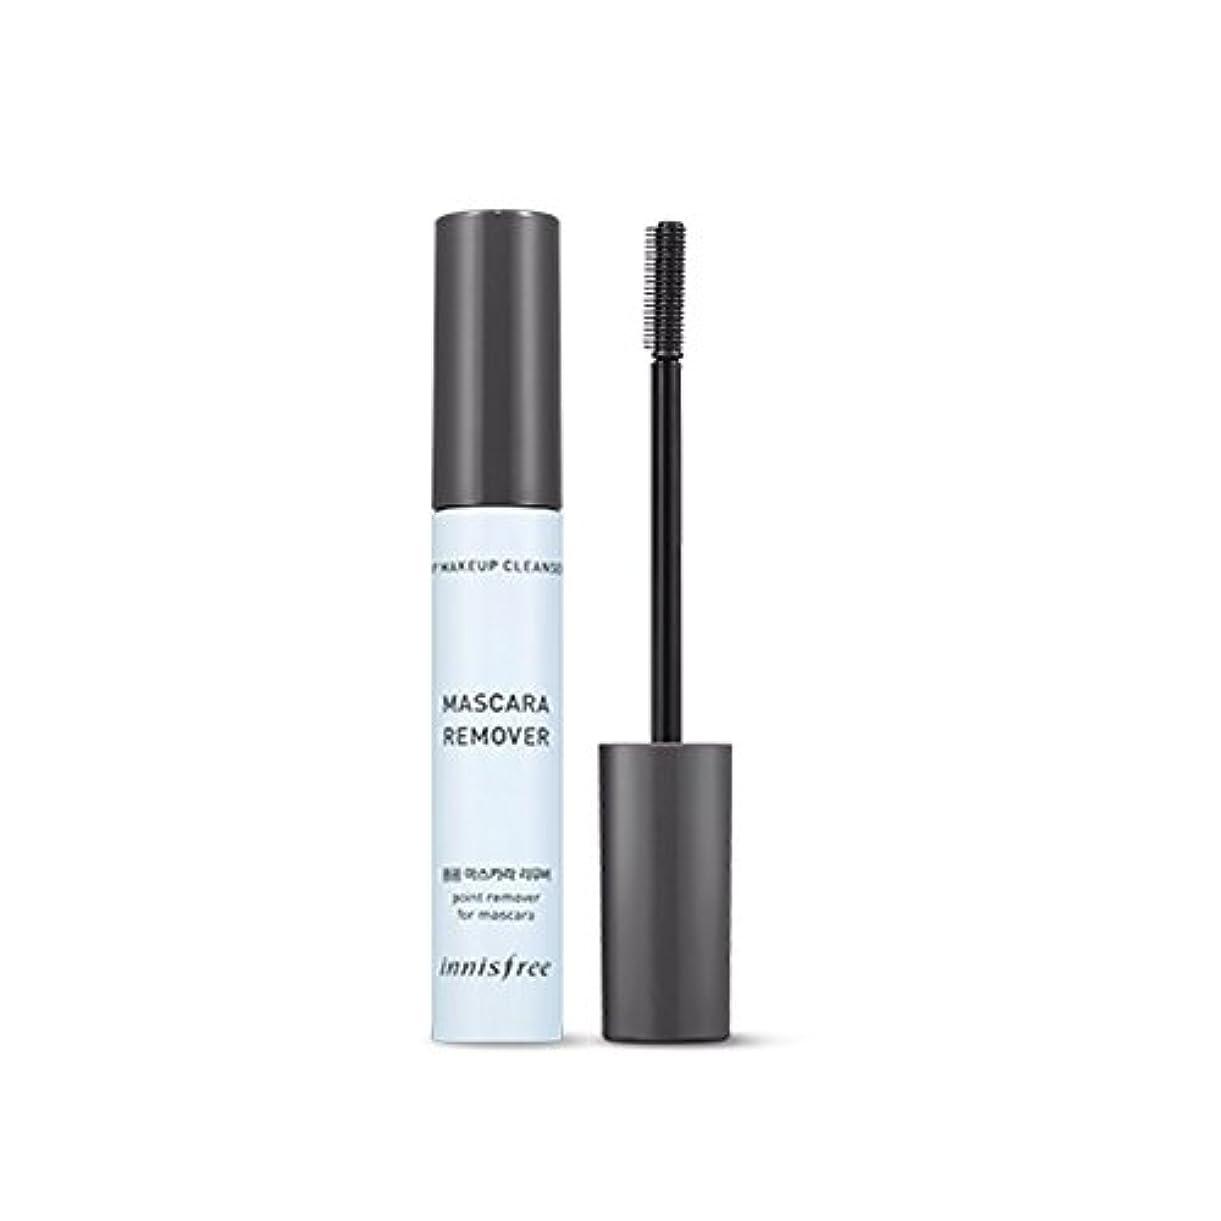 オリエント北飢えたイニスフリーマイメイクアップクレンザー - マスカラリムーバー9g x 1pcs Innisfree My Makeup Cleanser - Mascara Remover 9g x 1pcs [海外直送品][並行輸入品]